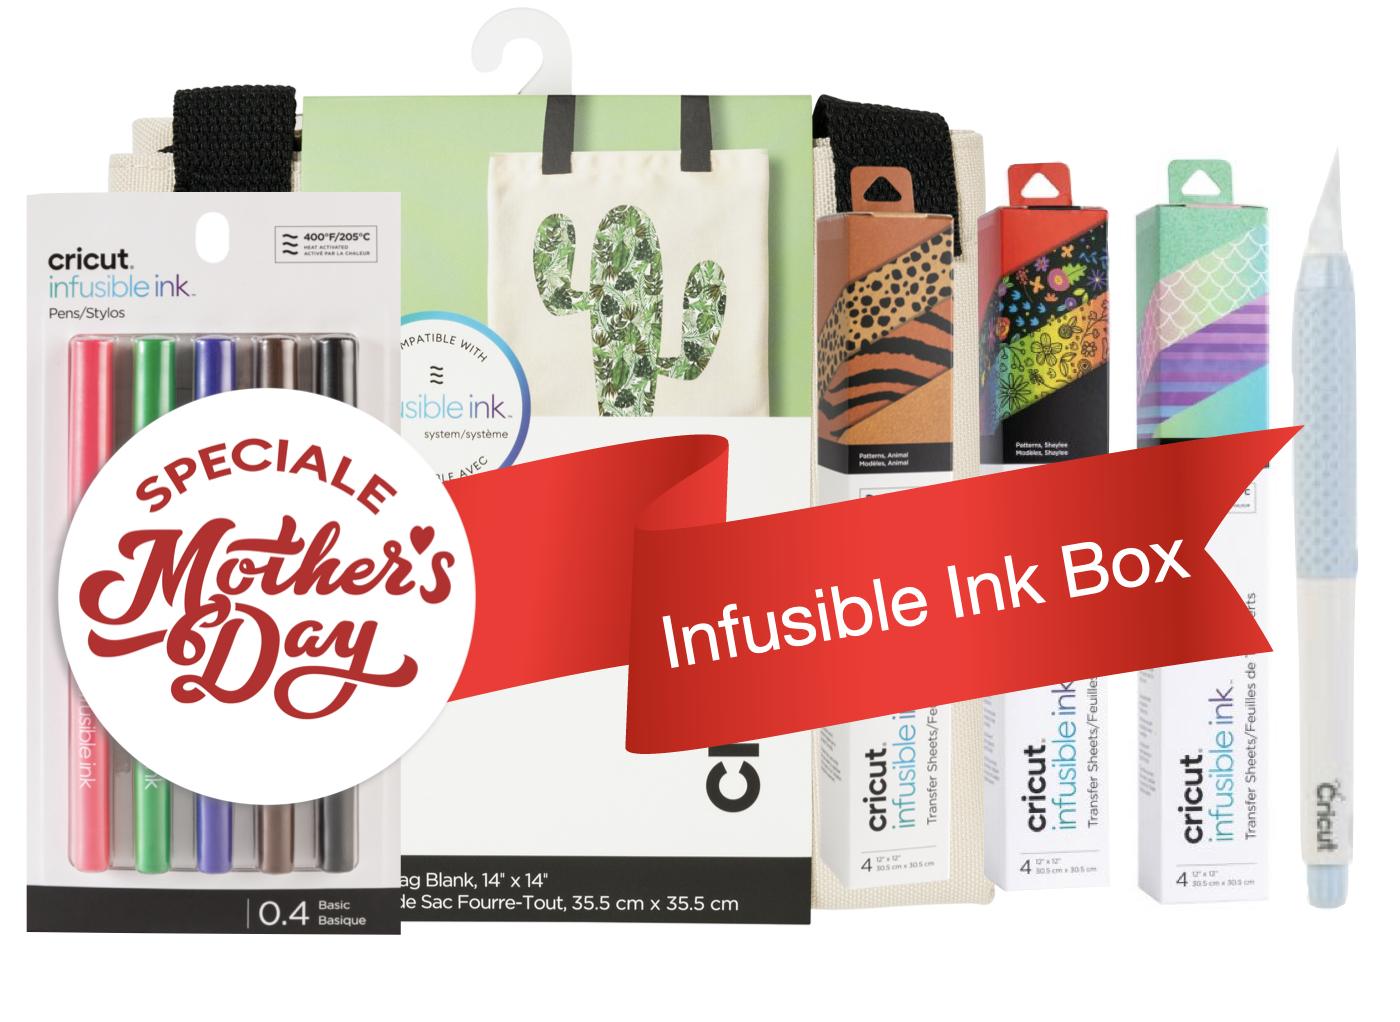 CR8001618 Confezione Infusible Ink Cricut